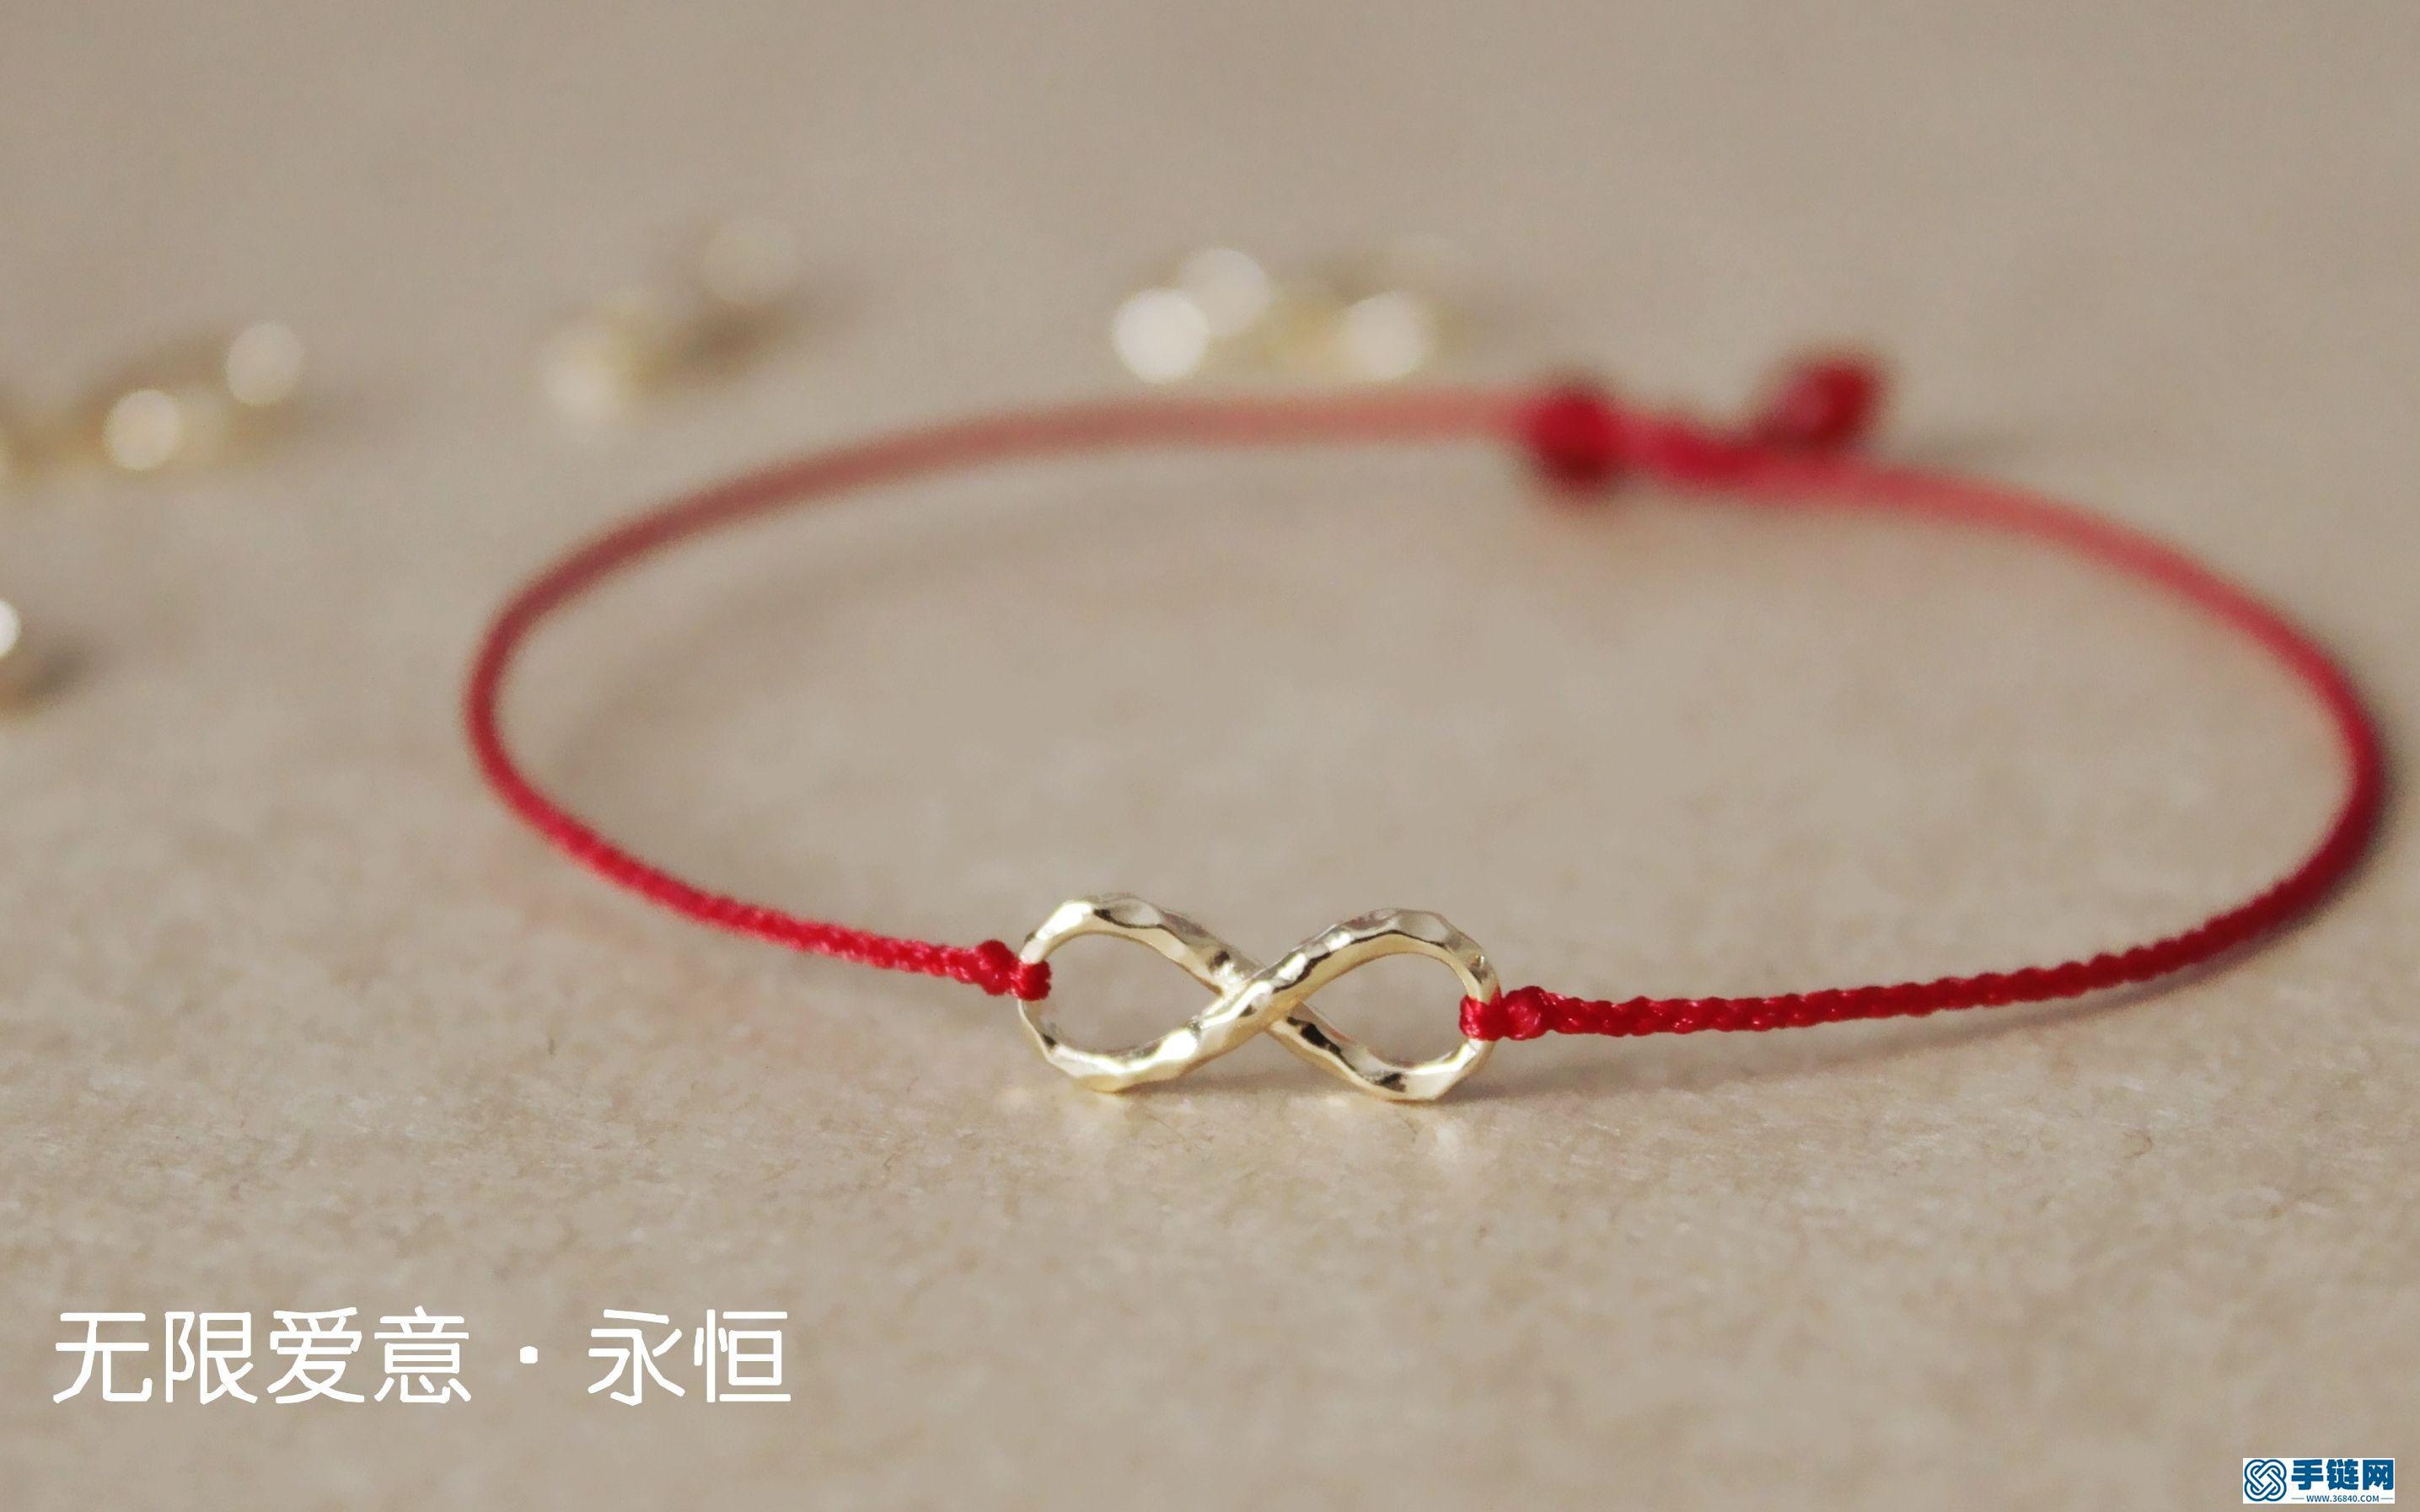 ∞无限爱极细手绳 24k包金的小可爱 精致秀气美腻